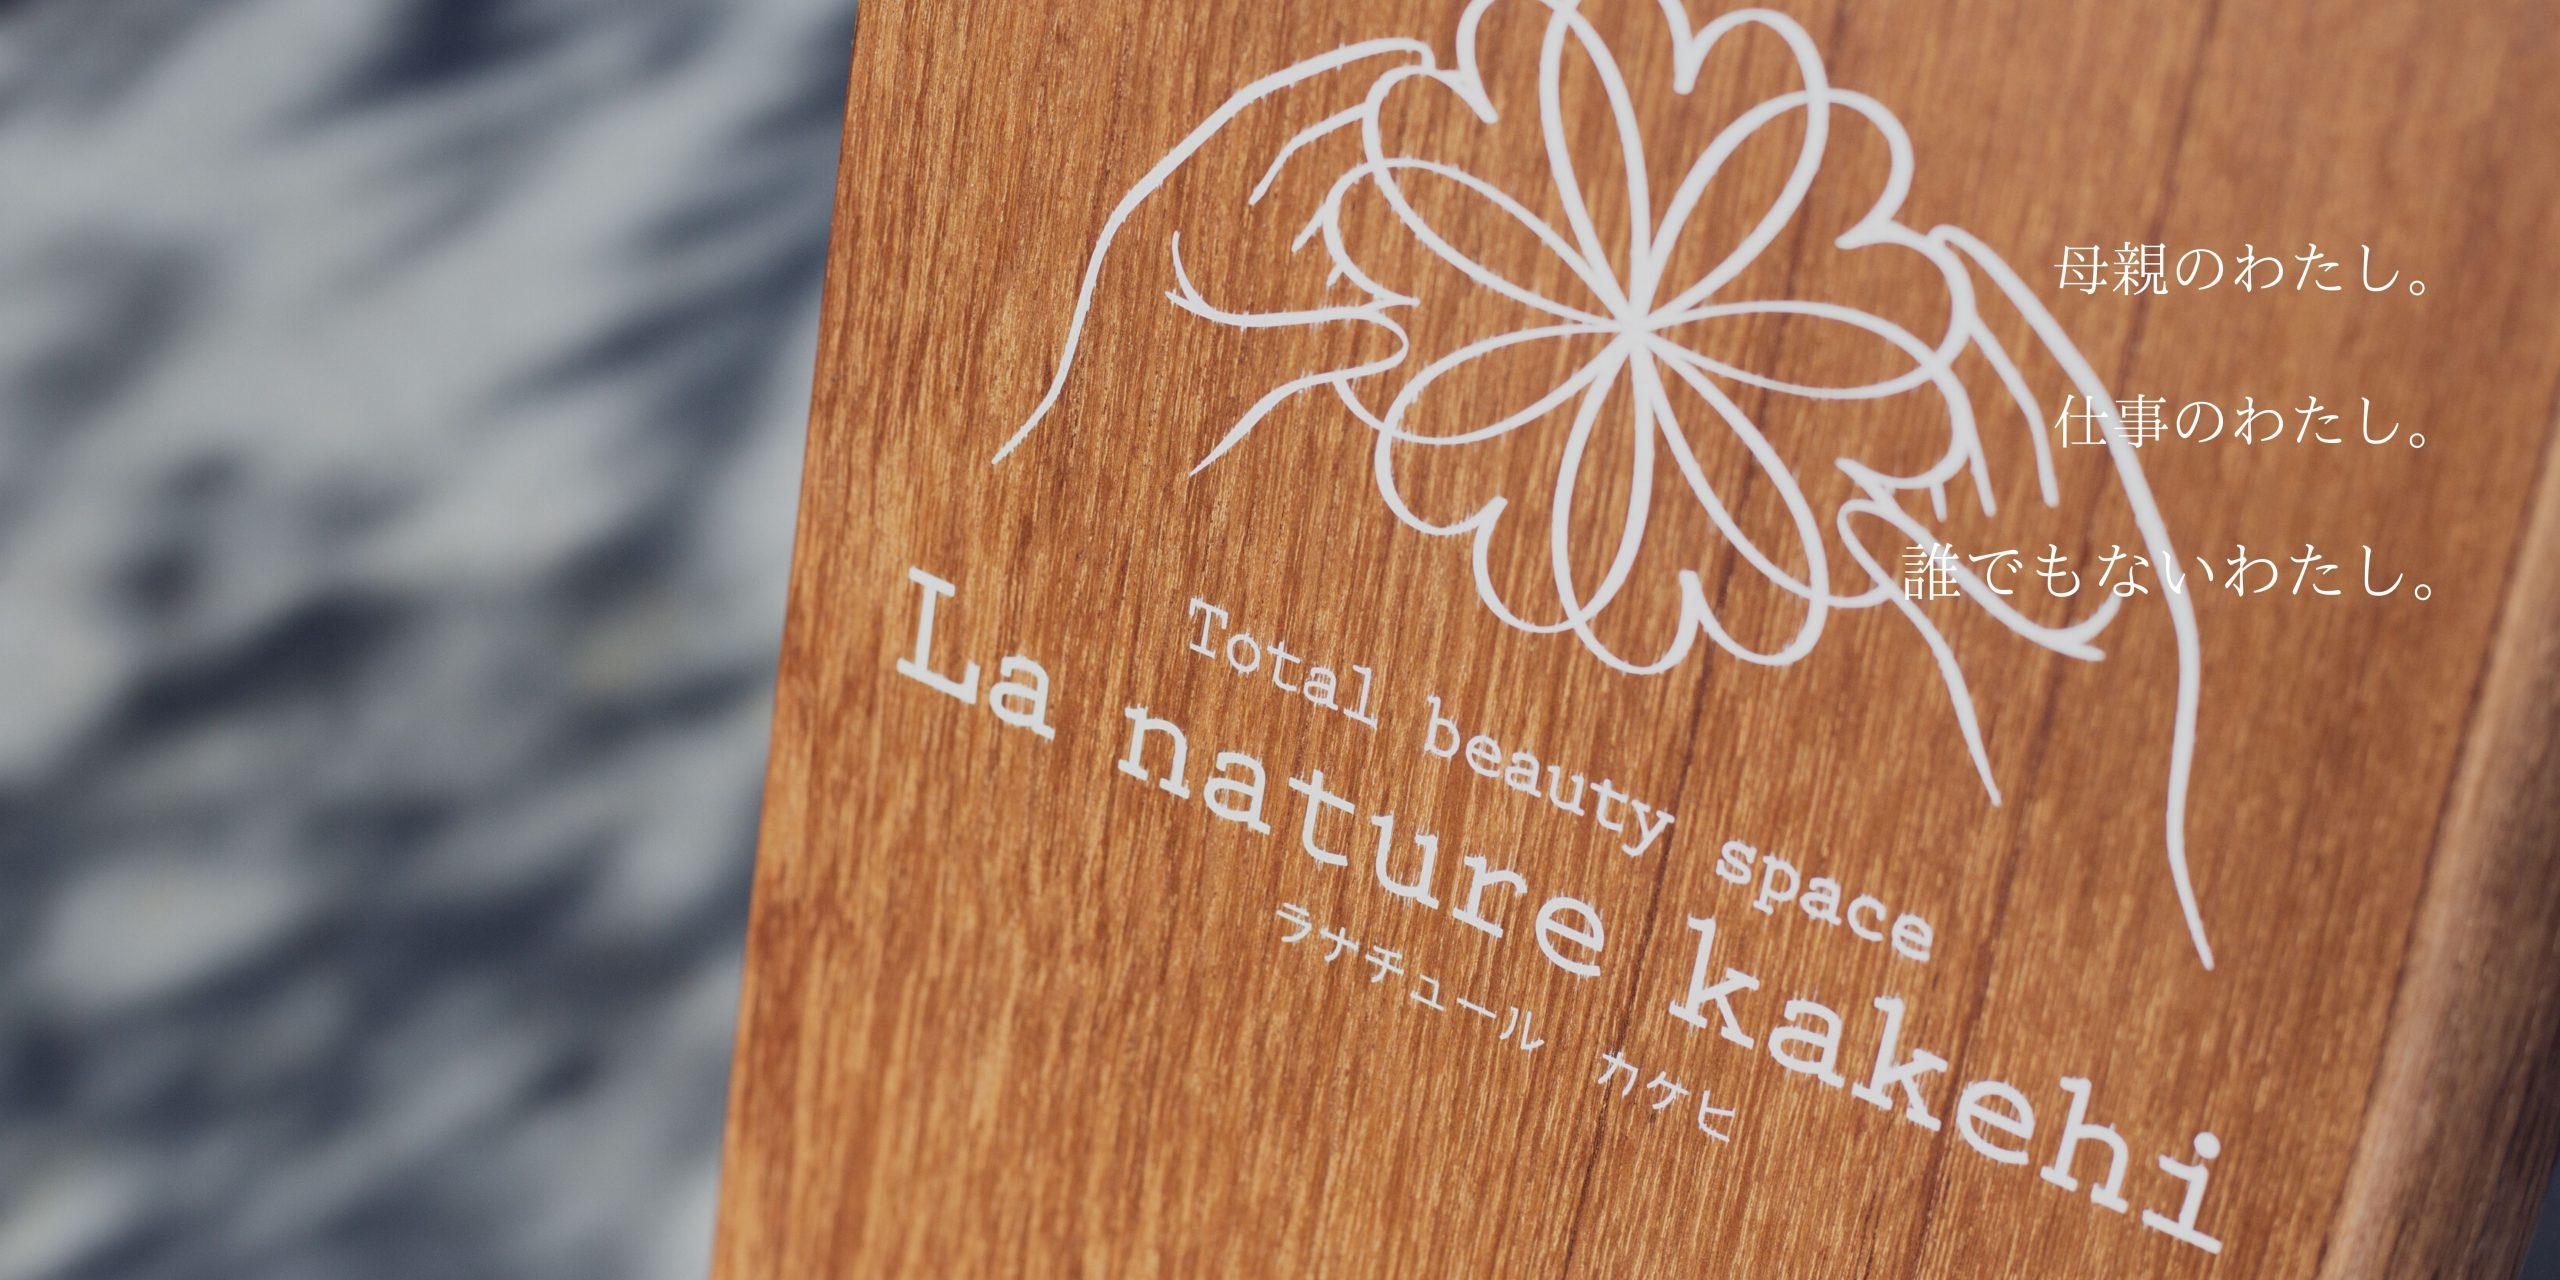 La nature kakehi